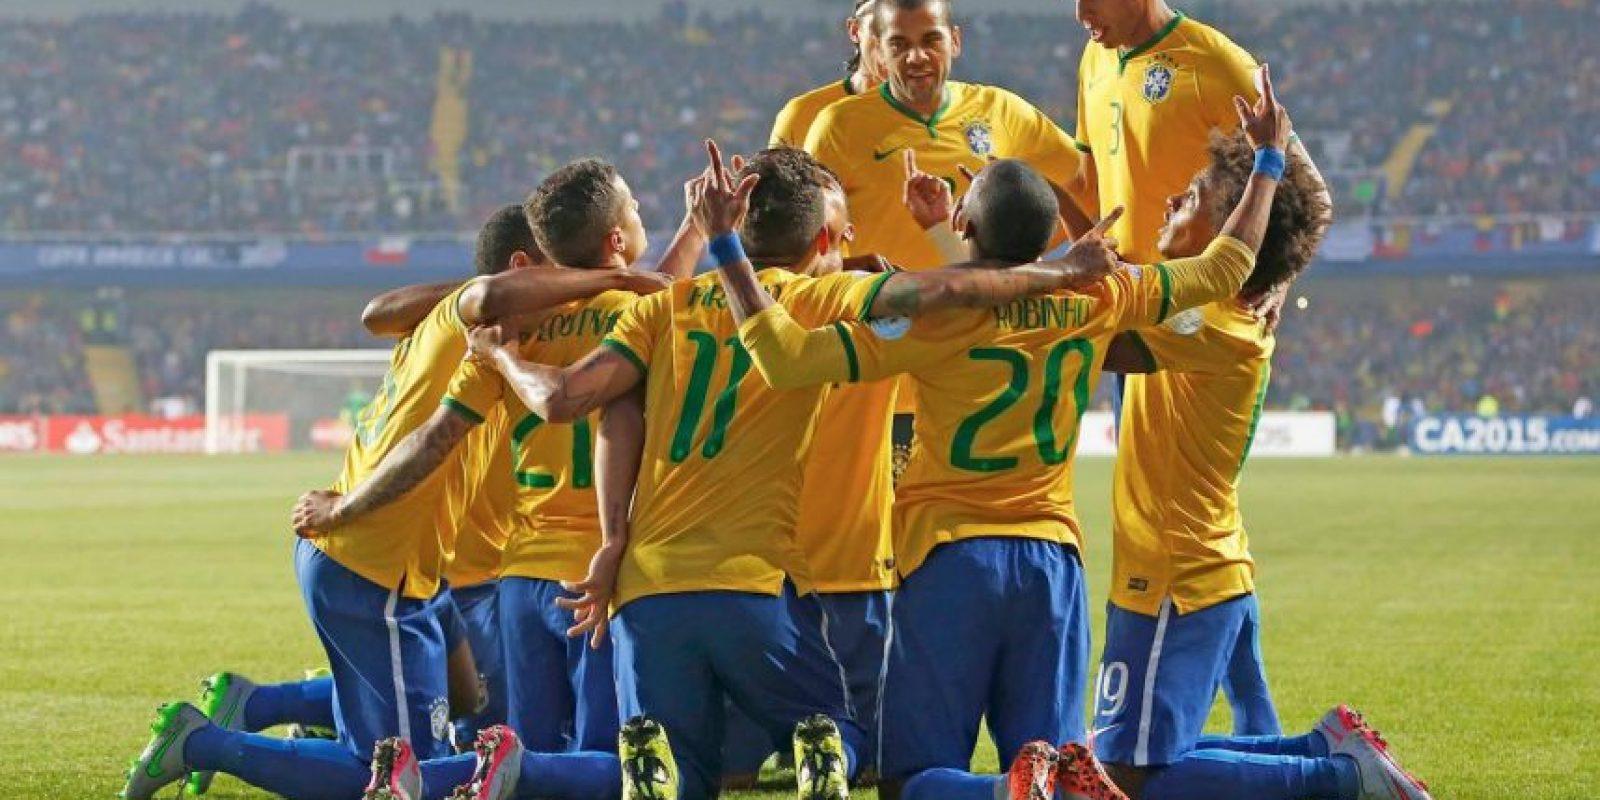 """Con el equipo de Dunga comienzan los más """"leñeros"""" de la Copa. Los brasileños pegaron 68 veces. Foto:Vía facebook.com/CBF"""